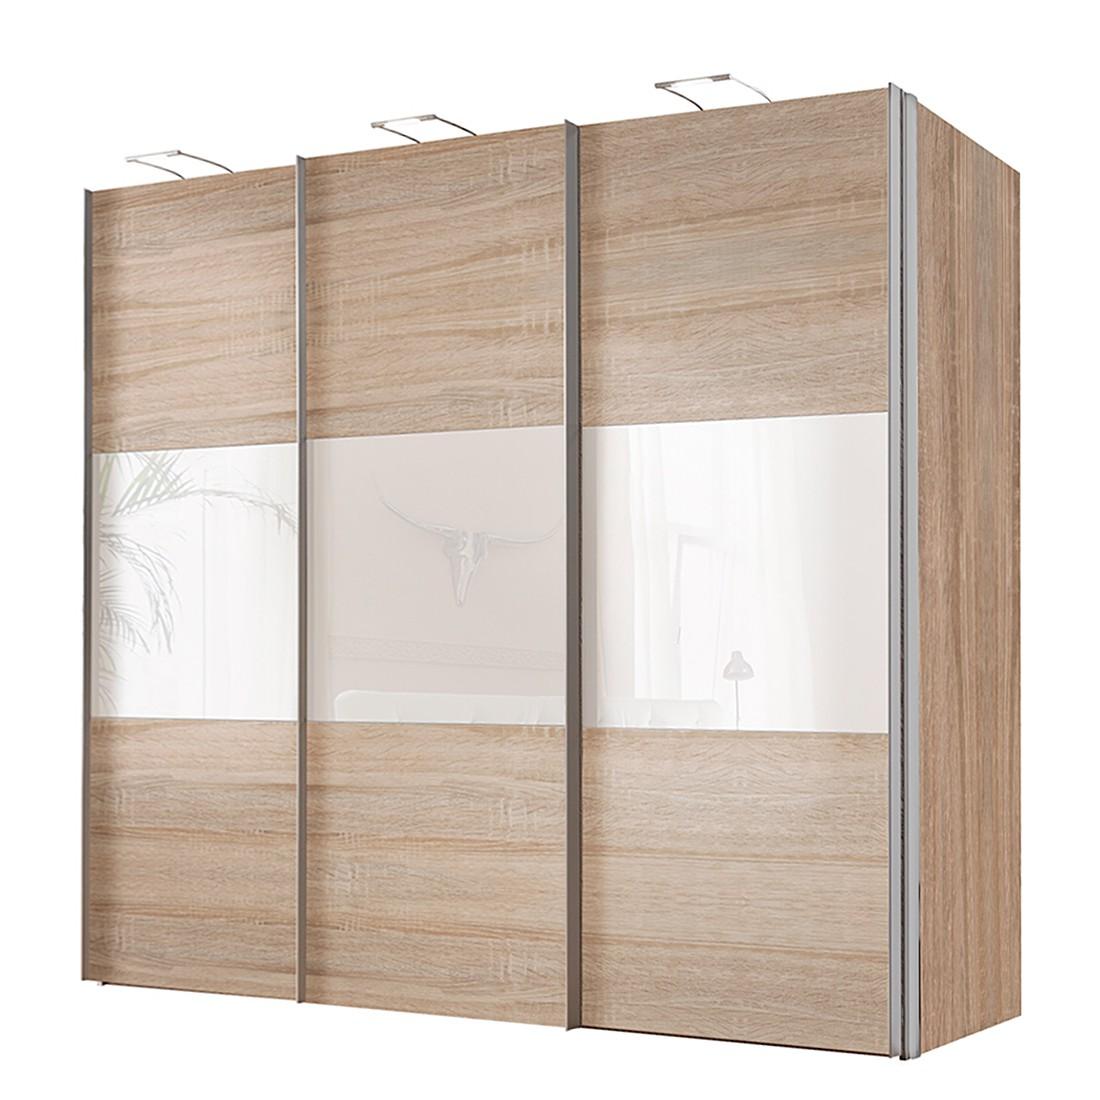 Schwebetürenschrank Ruby – Sonoma Eiche Dekor/Weißglas – BxH: 200 x 216 cm – 2-türig, Solutions jetzt kaufen